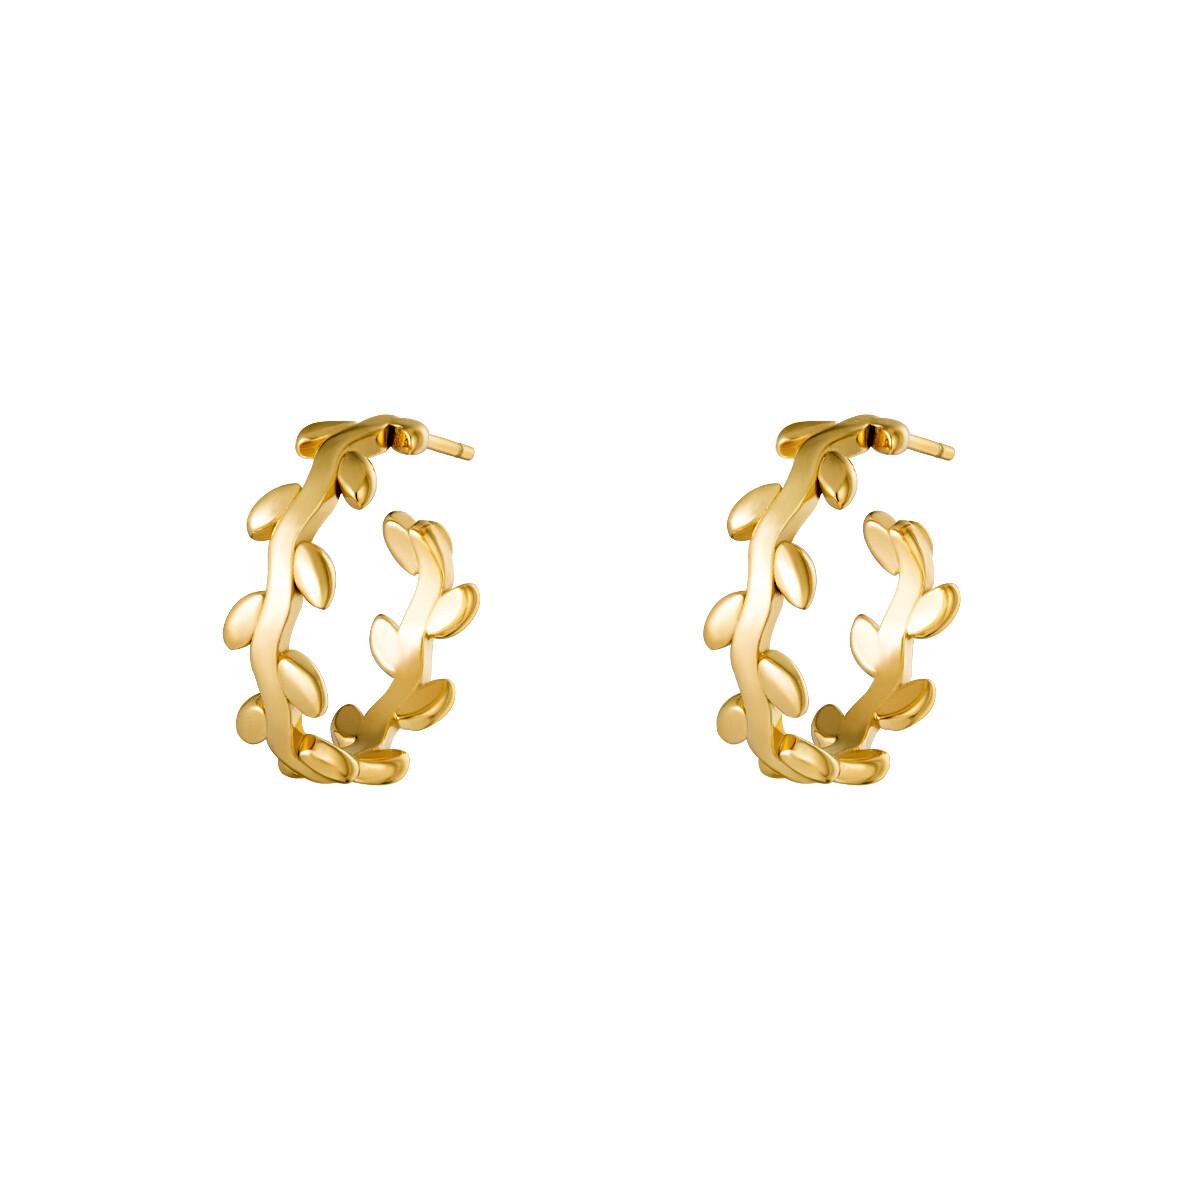 Krans oorringetjes goud 15 mm stainless steel